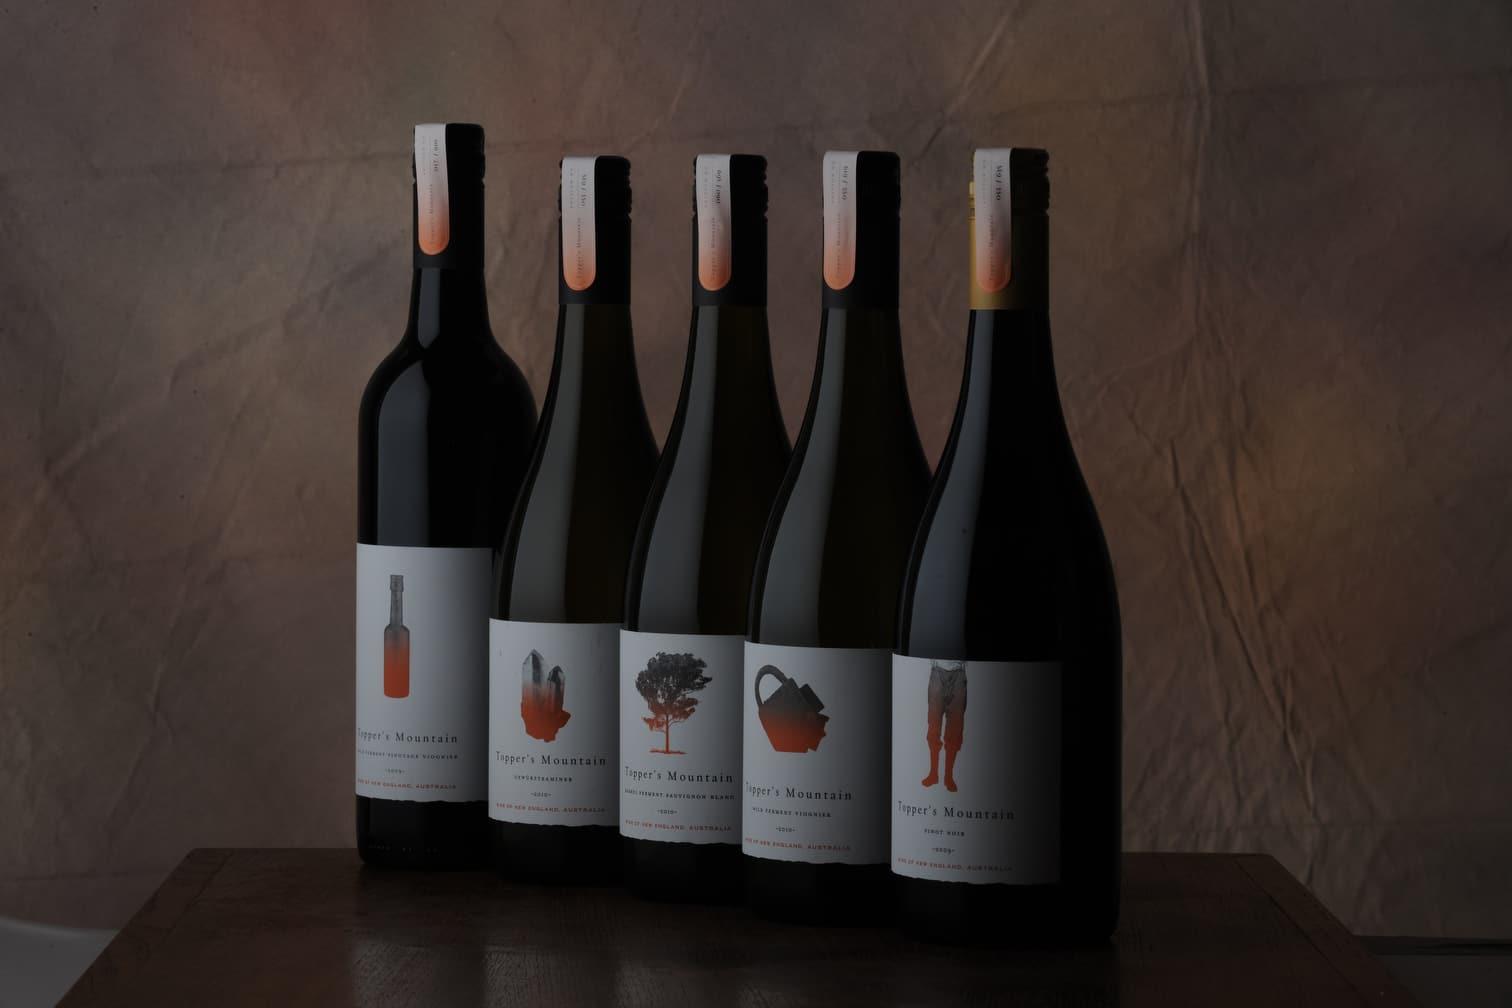 Huon hooke reviews topper's mountain wines Nebbiolo - New England region Australia